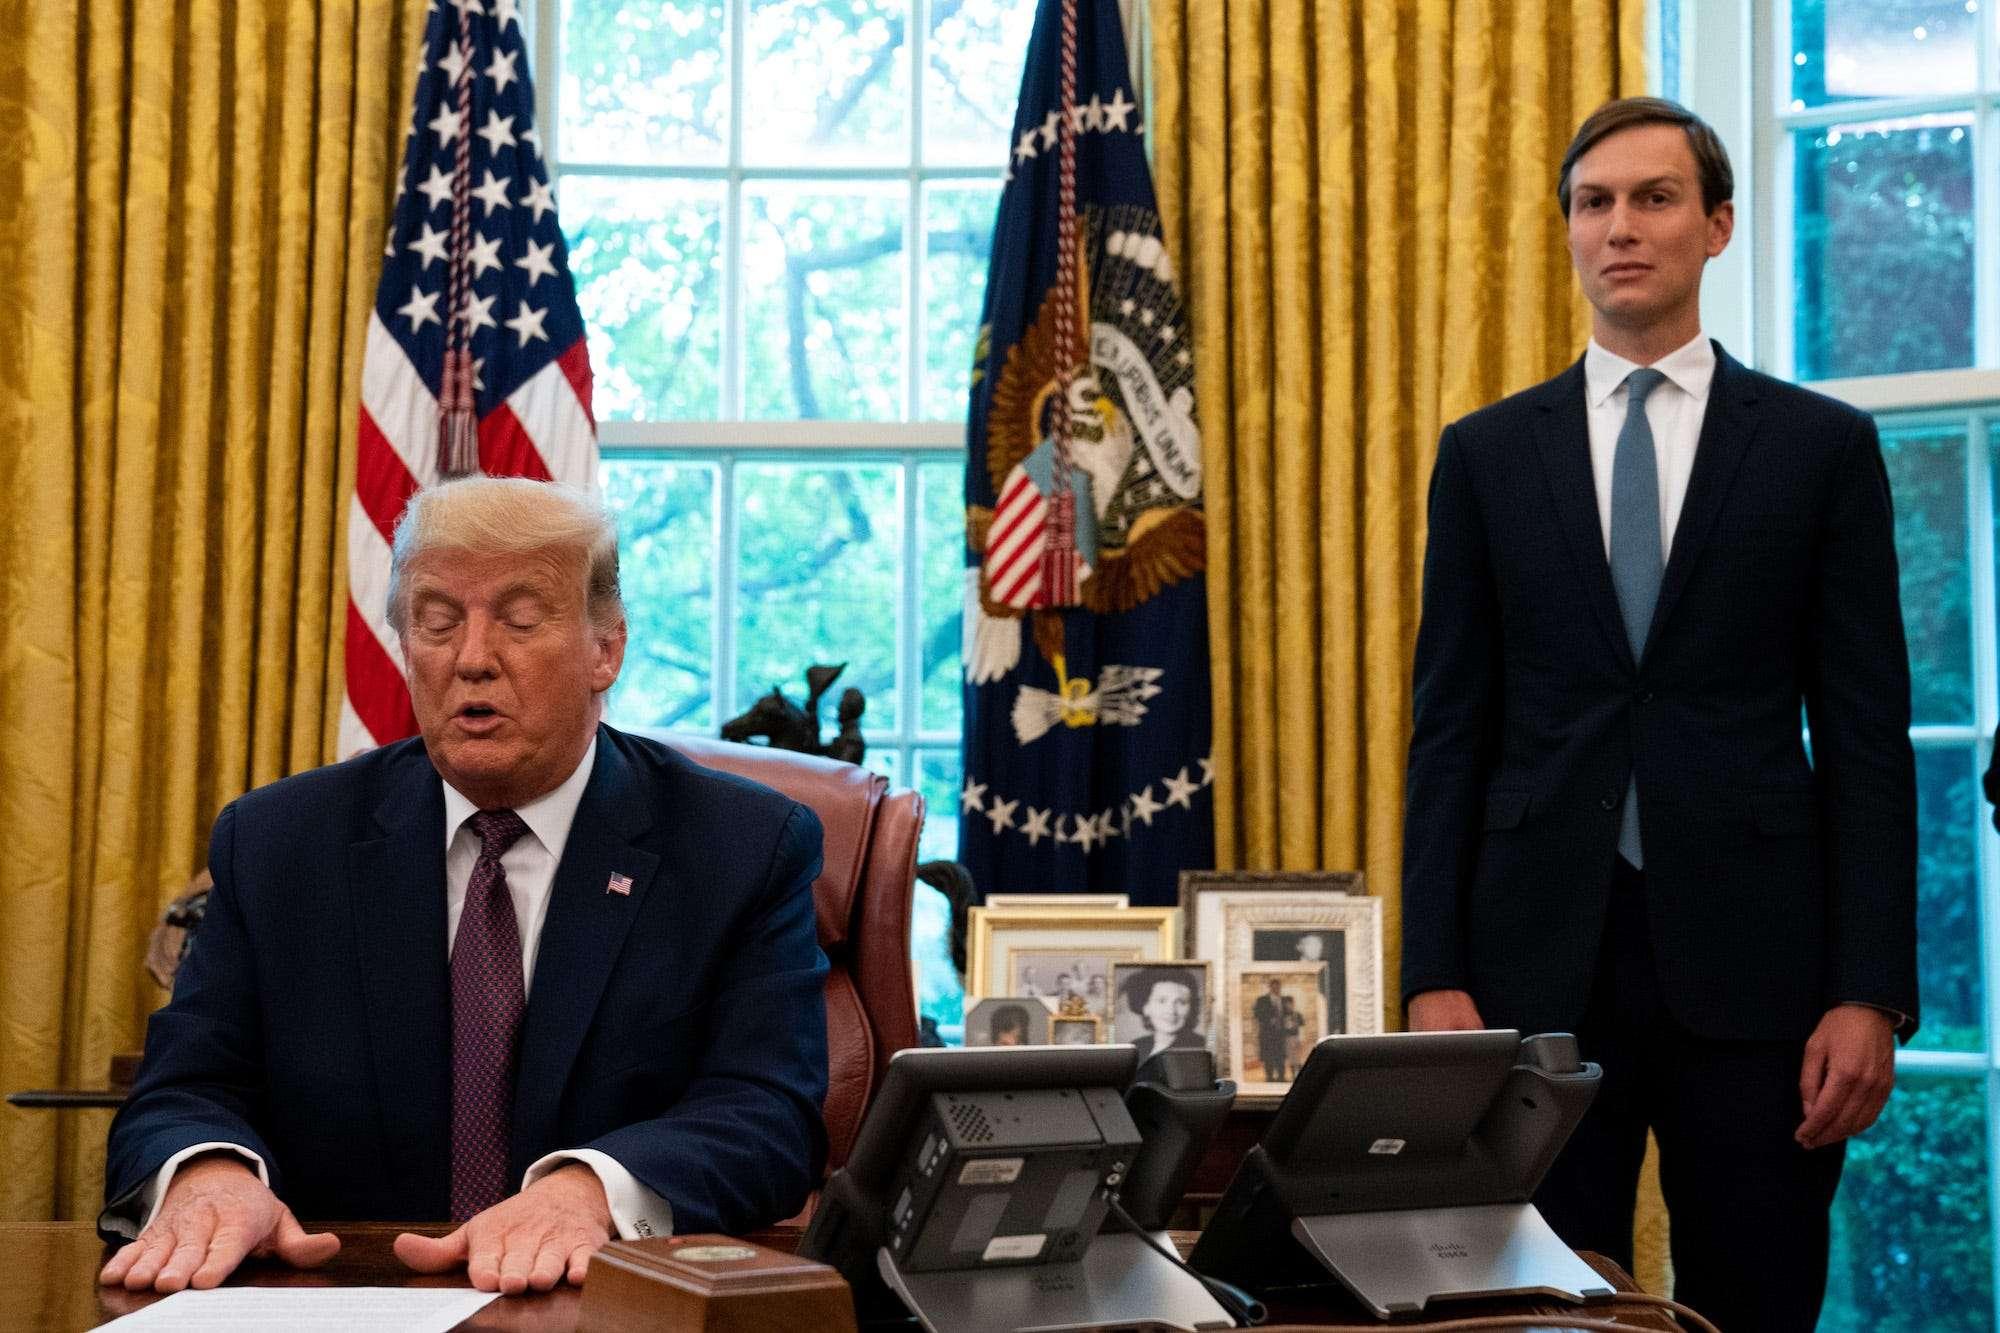 Le chef de cabinet de Trump, Mark Meadows, a finalement convaincu le président qu'un mandat de masque était une mauvaise idée